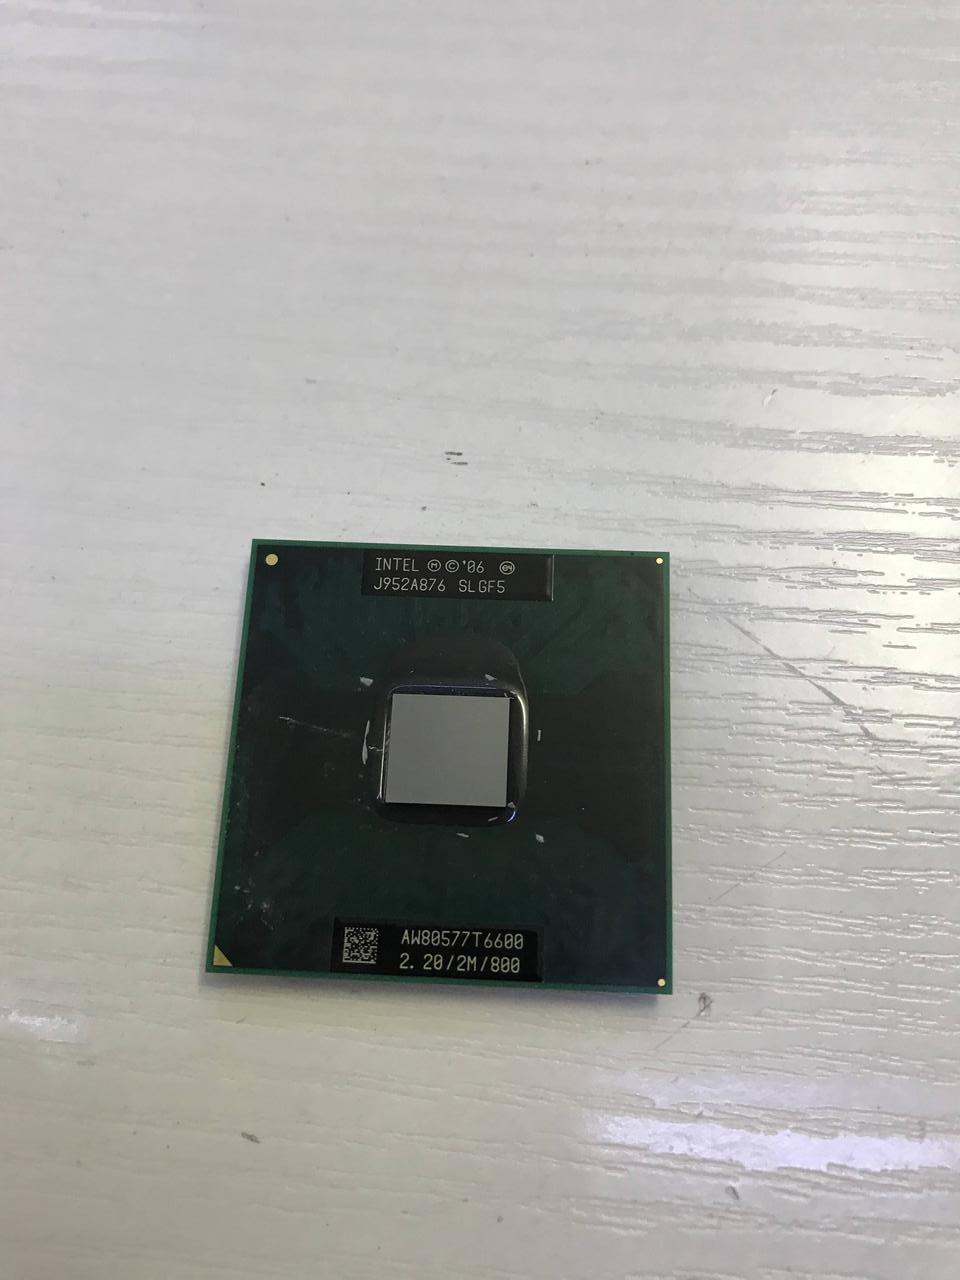 Процессор Intel Pentium T6600 - SLGF5  - рабочий и исправный. Гарантия 1 месяц